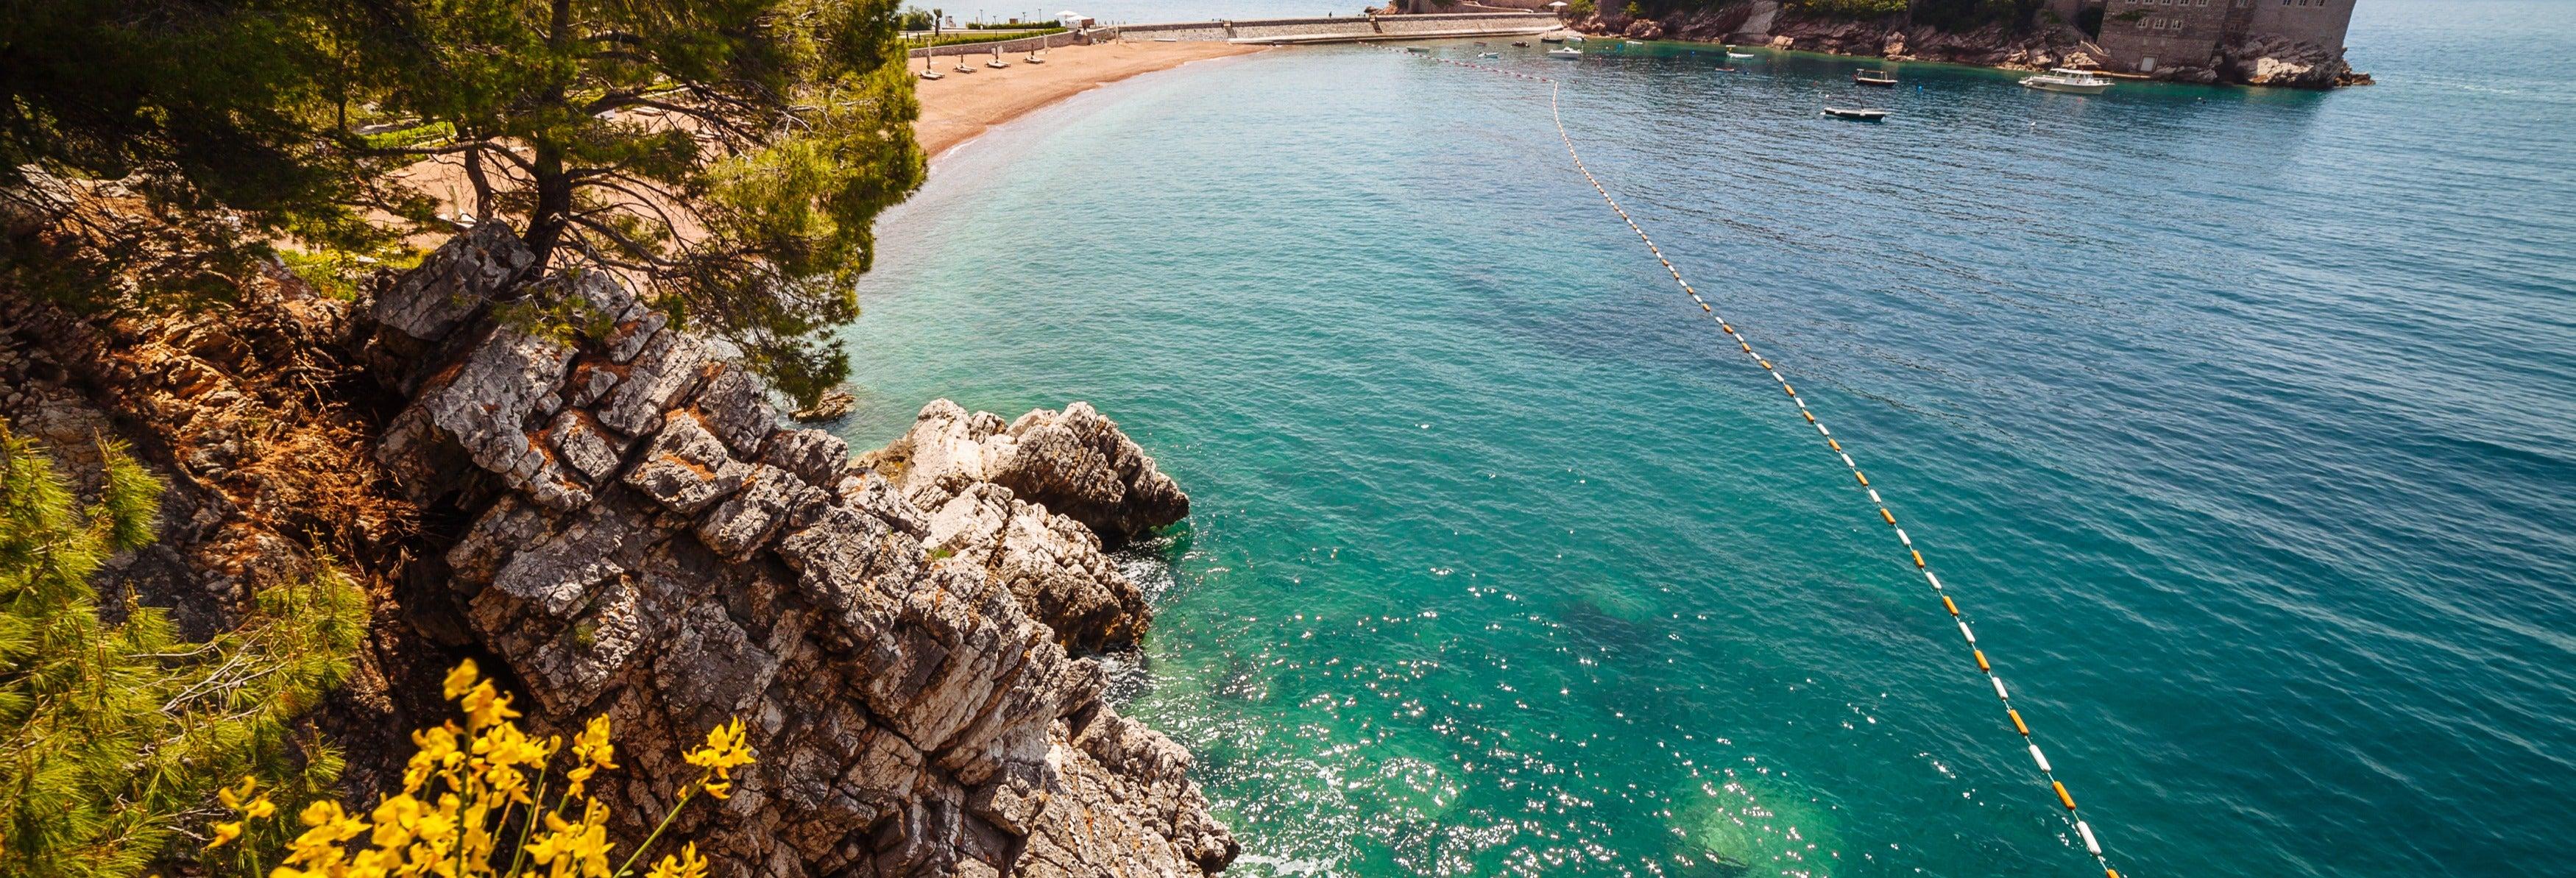 Excursão pelas costas de Montenegro